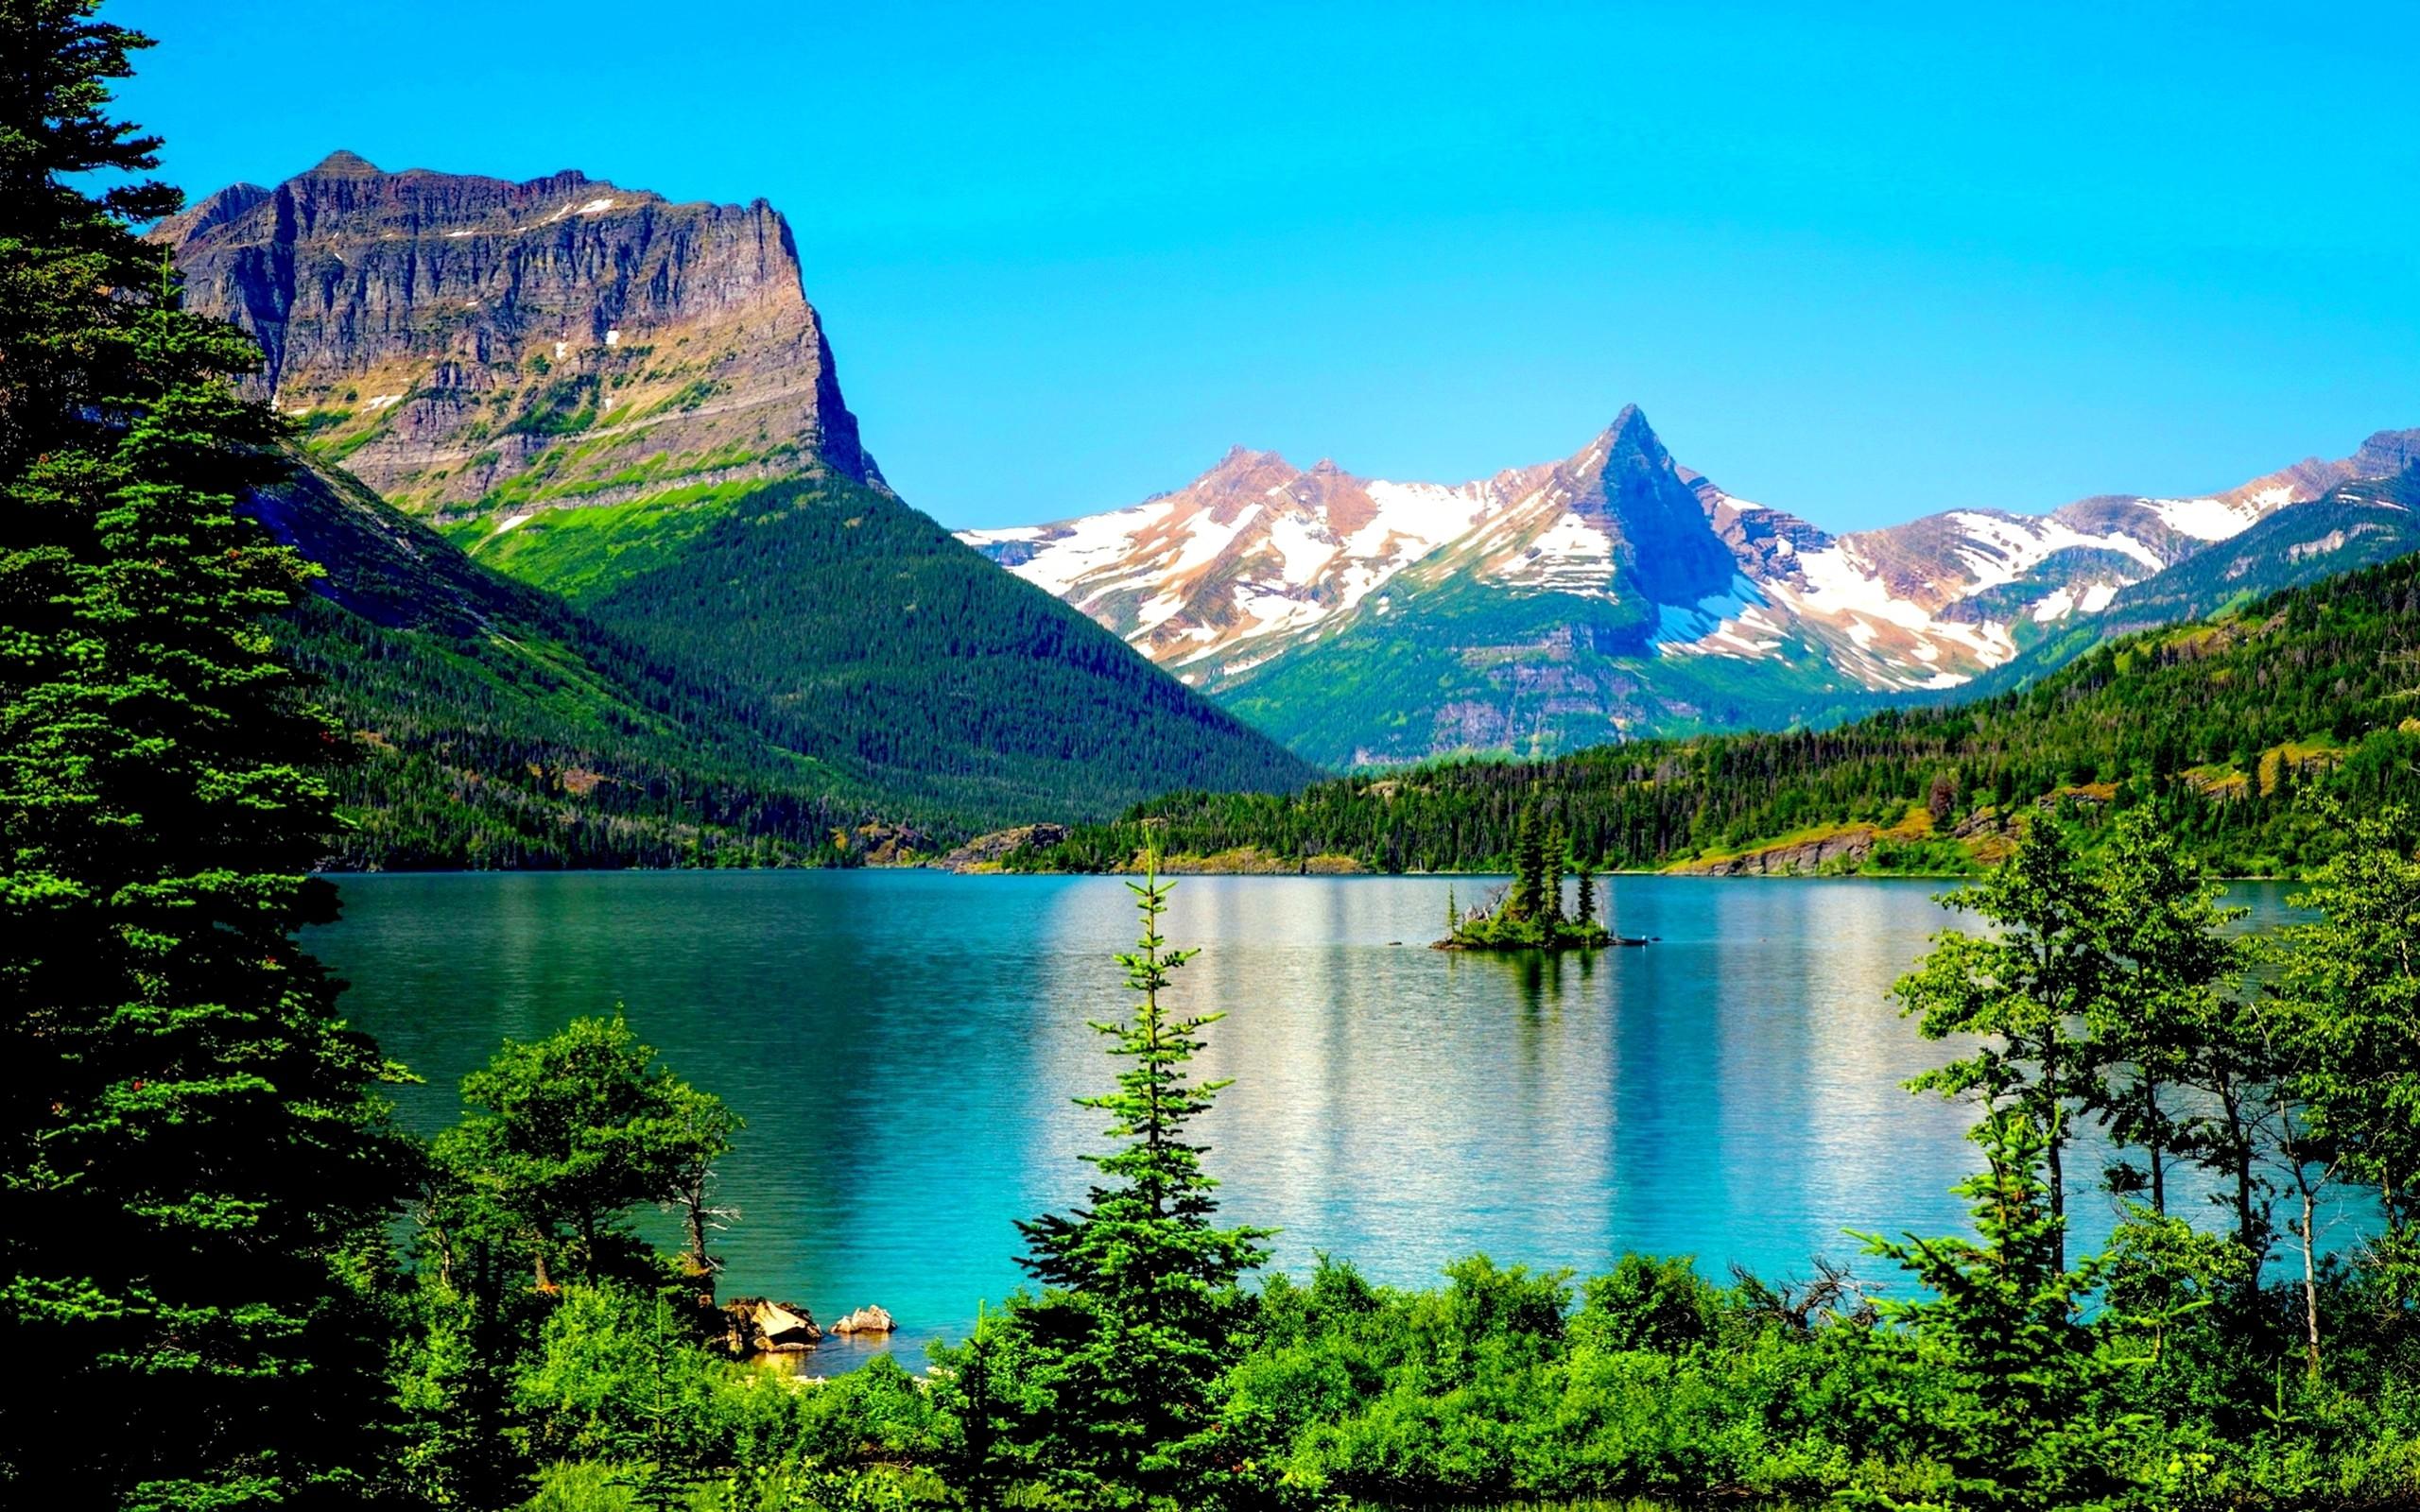 Glacier National Park Wallpaper 47 Images